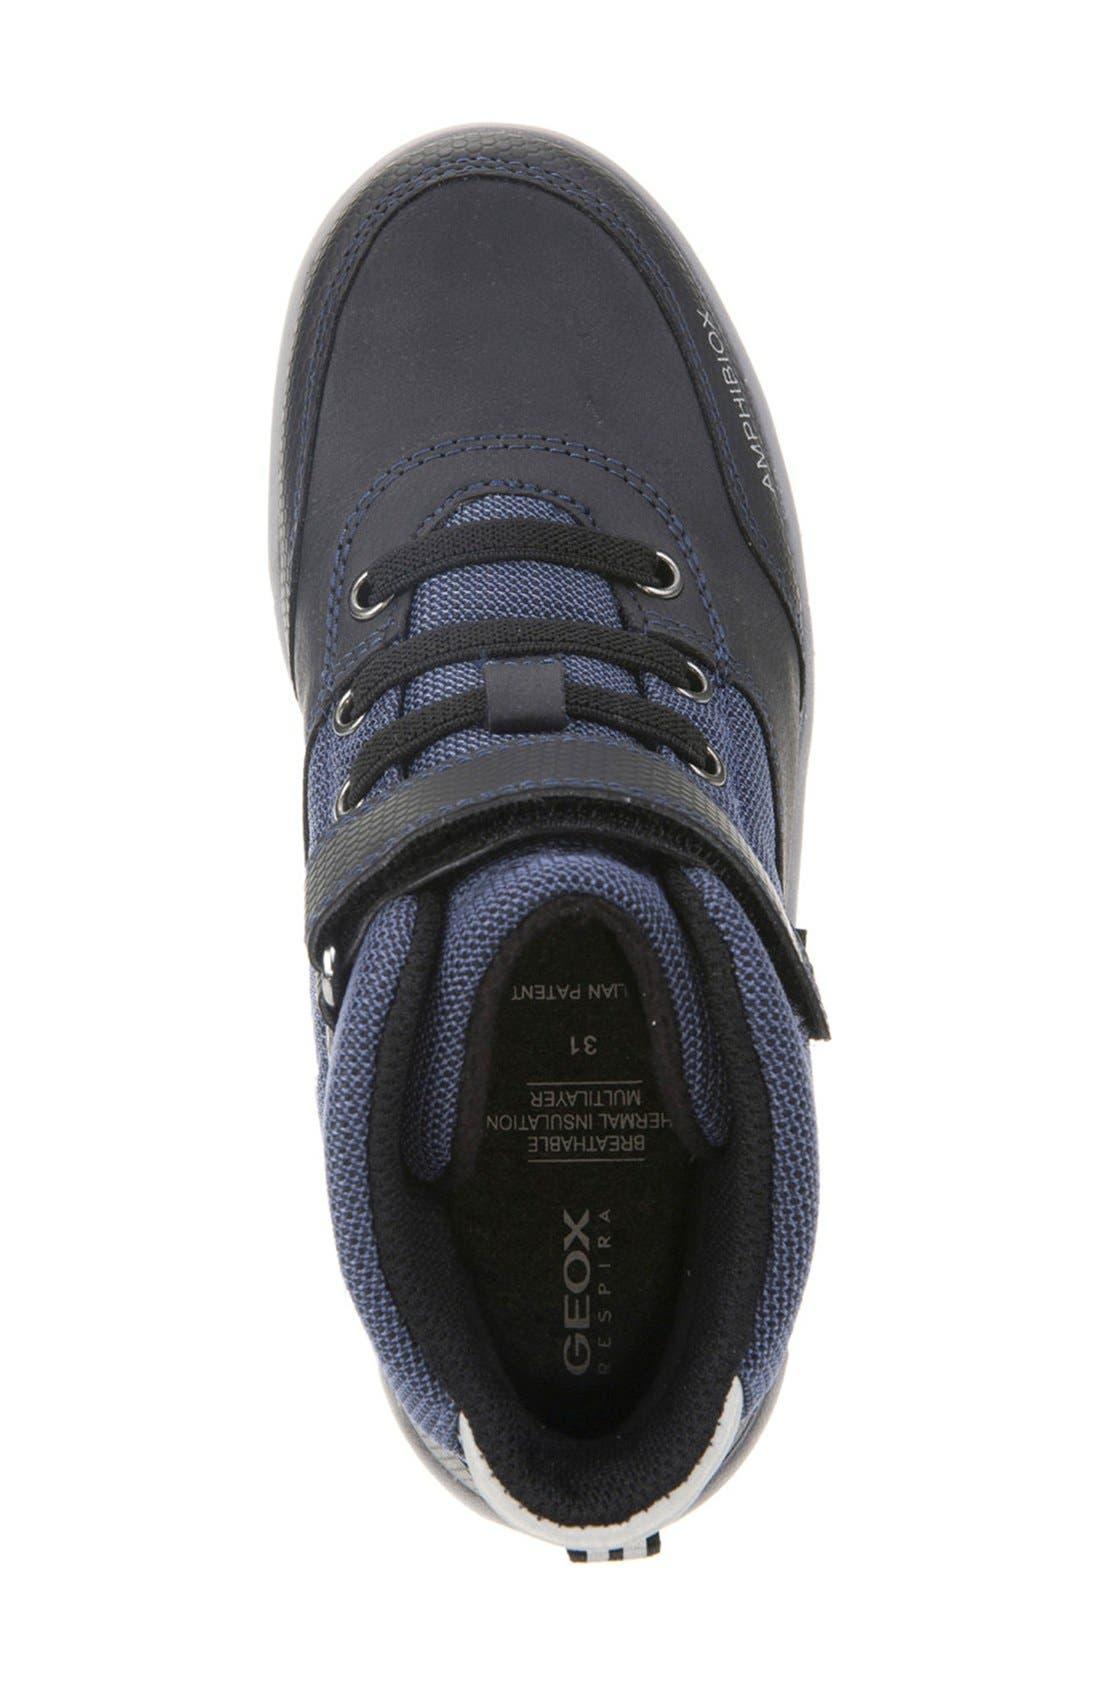 Rolk High Top Sneaker,                             Alternate thumbnail 3, color,                             Navy/ Black